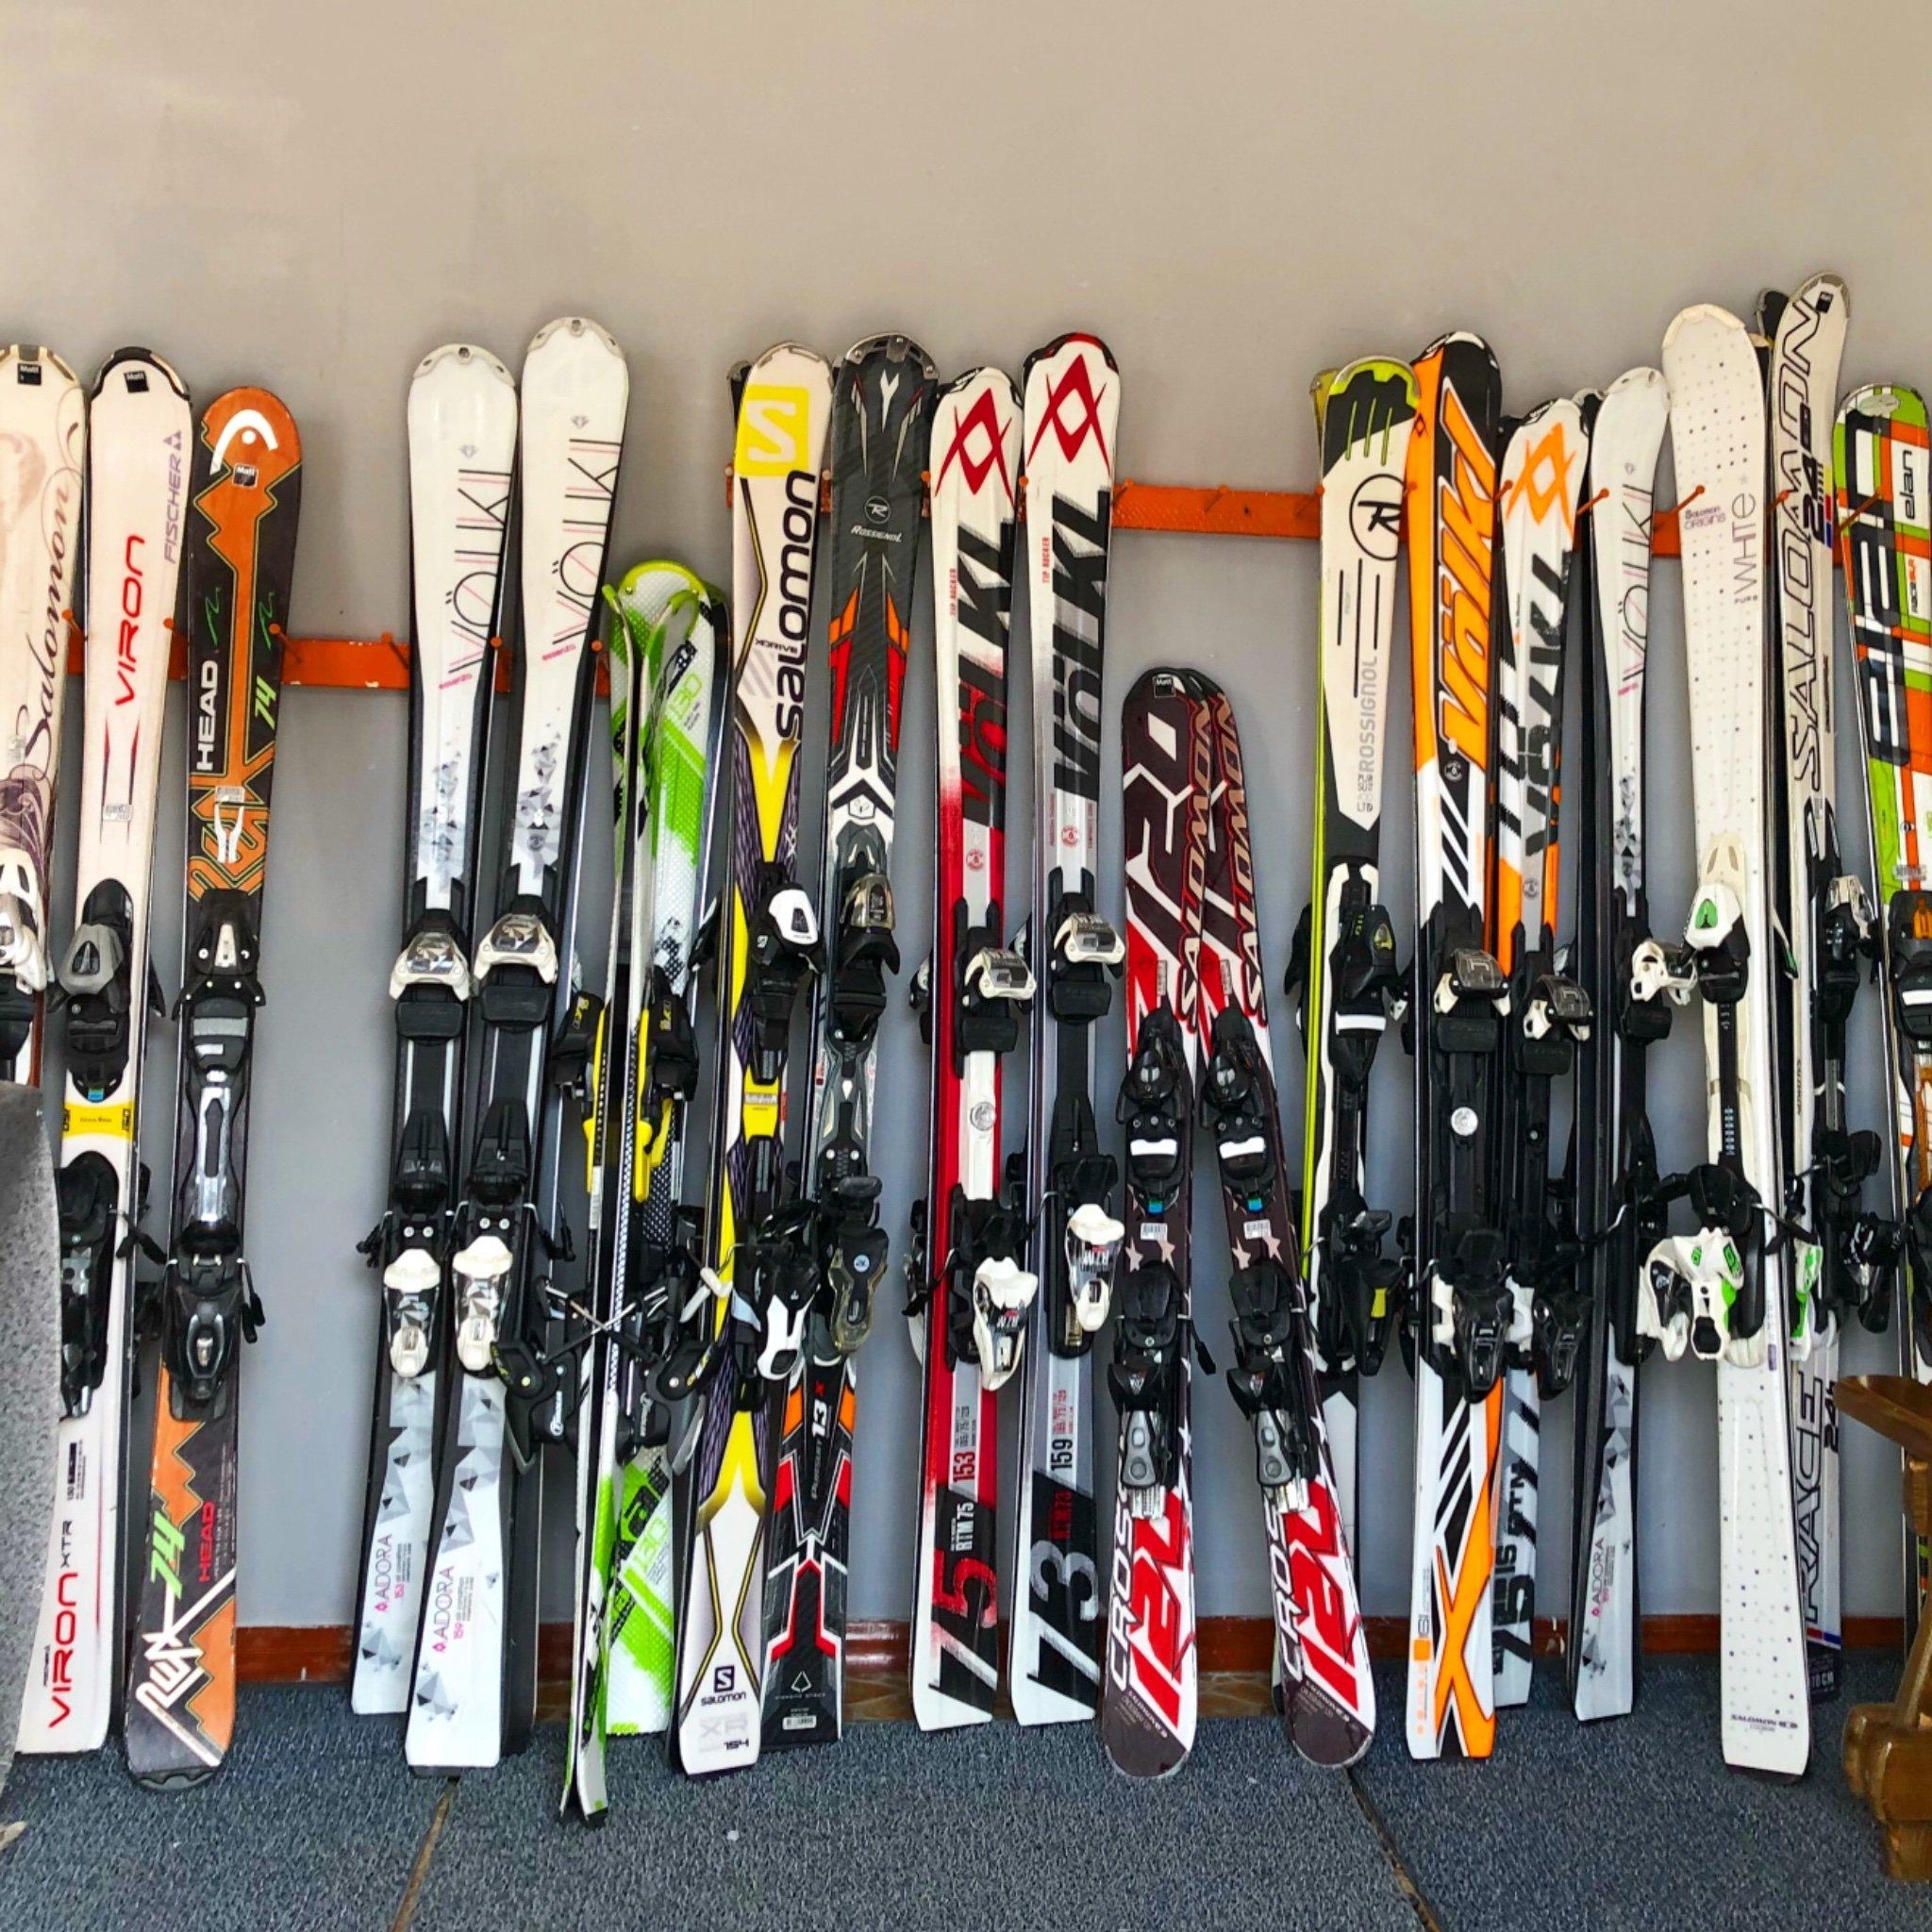 прокат лыж и коньков картинка гости будущего, которому